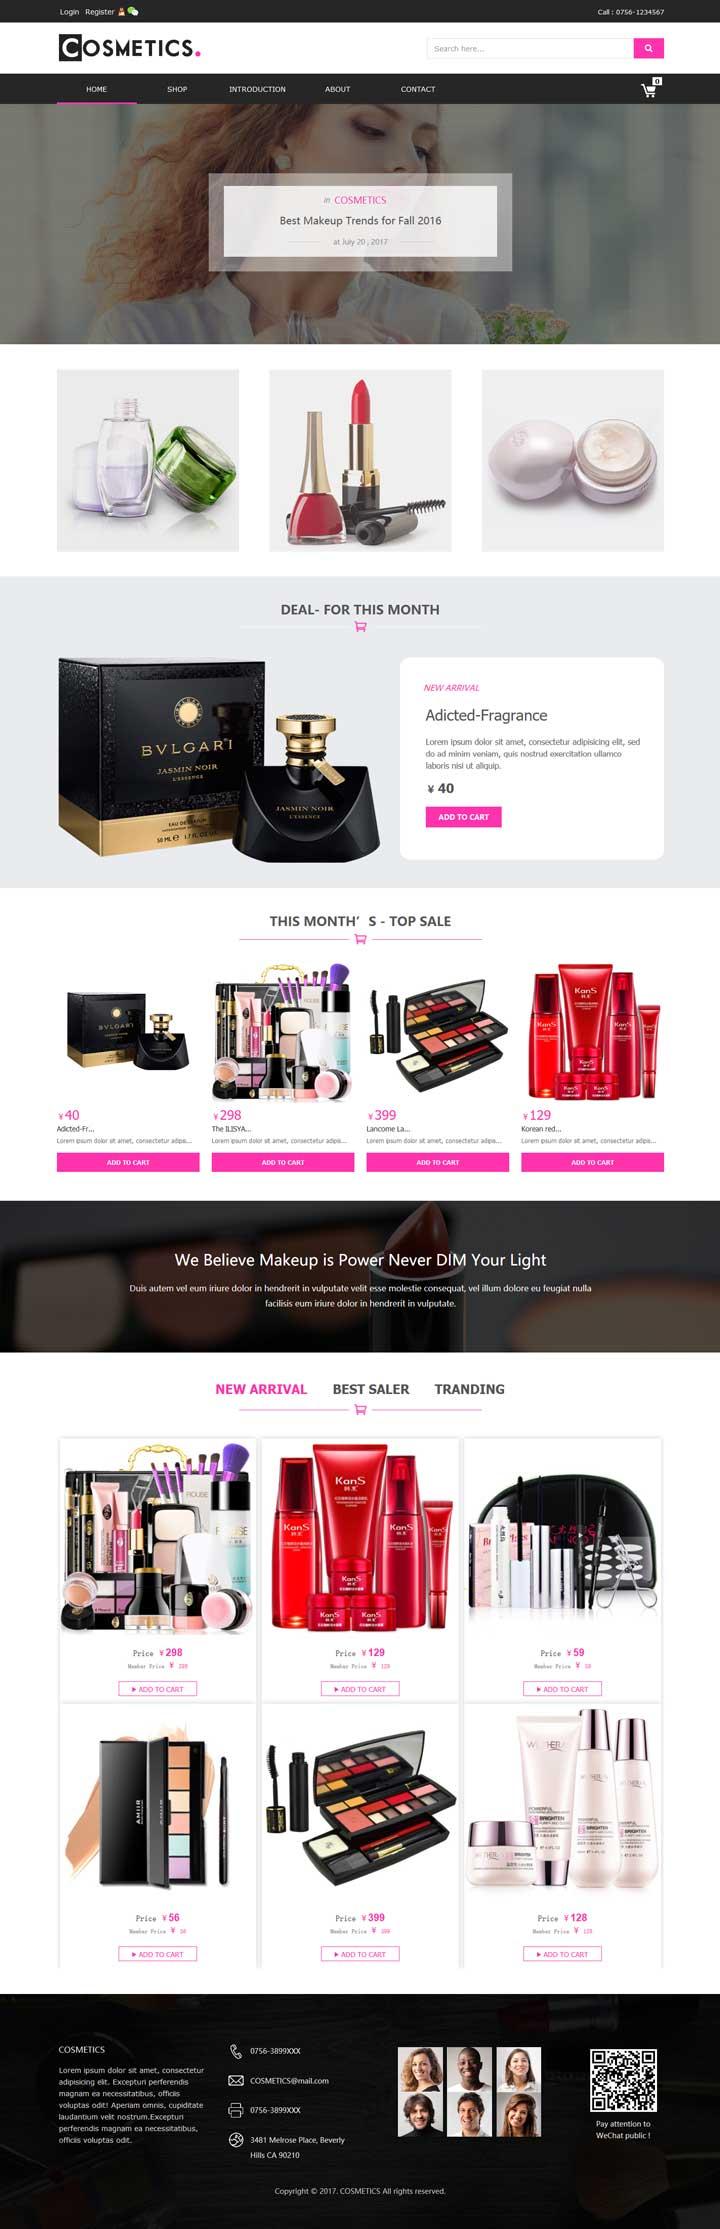 化妆品英文商城网站